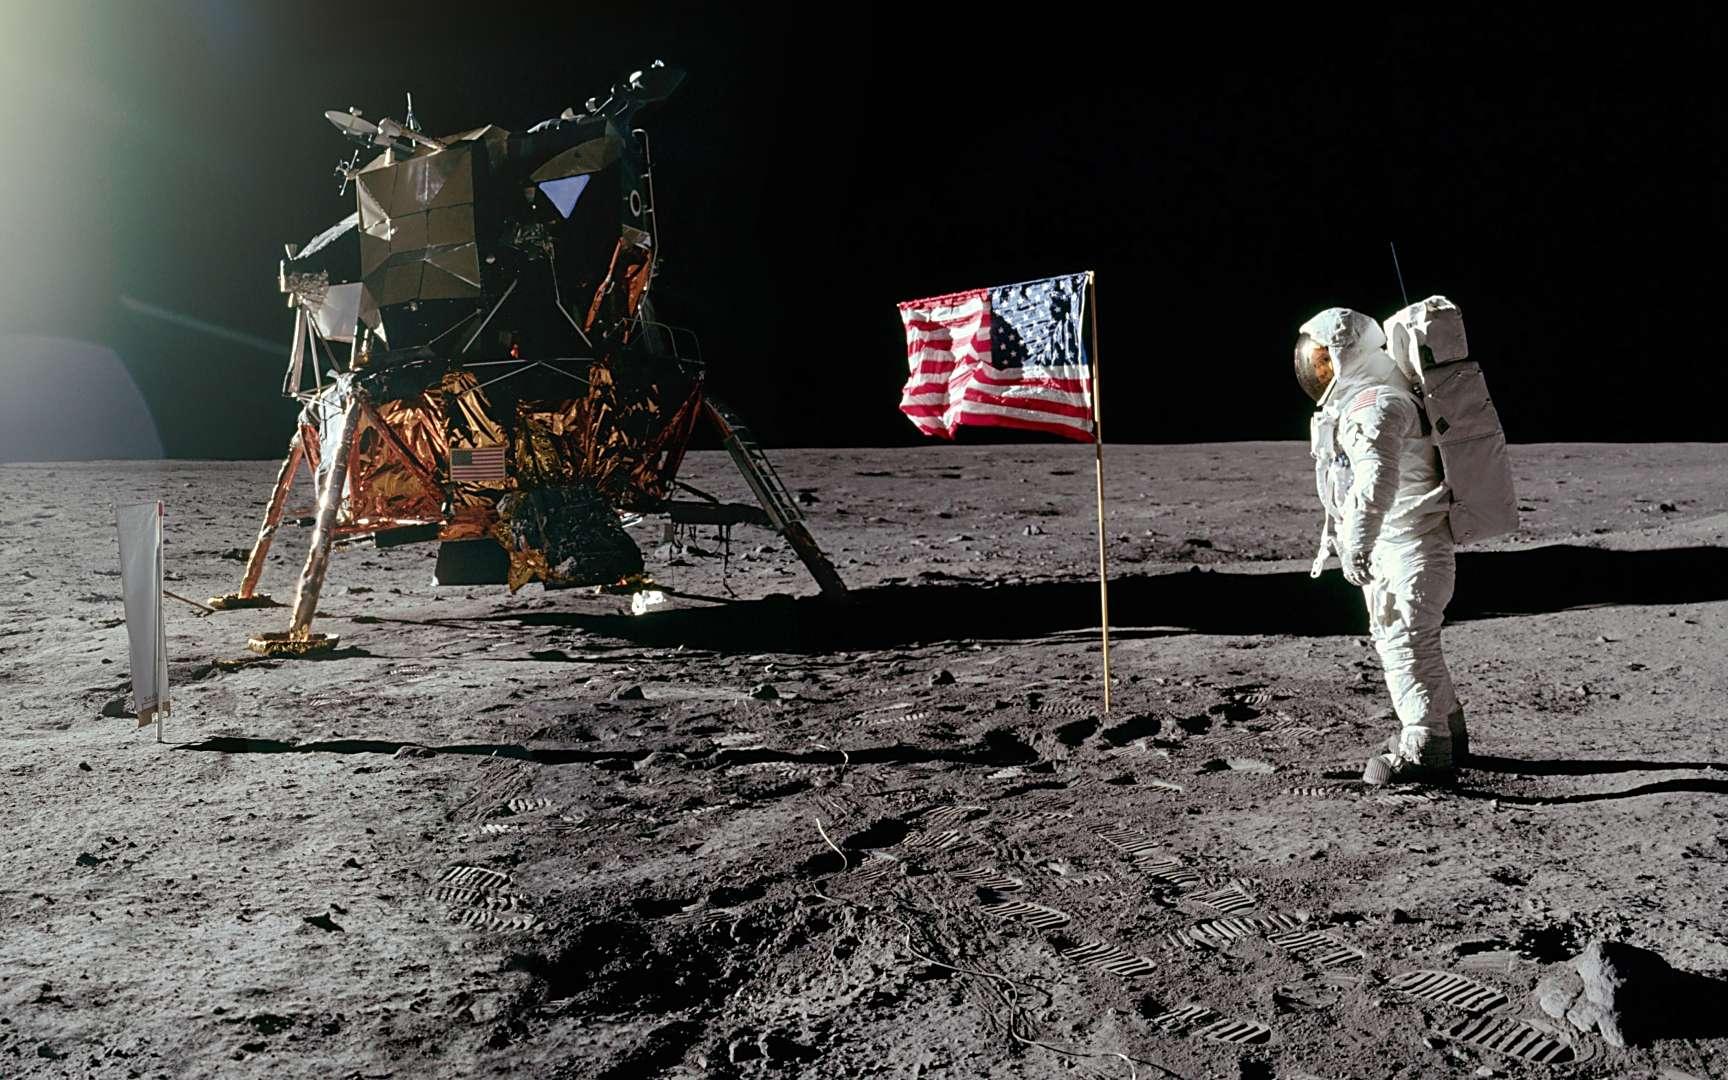 Les astronautes de la mission Apollo 11, Neil Armstrong et Buzz Aldrin, ont symboliquement planté un drapeau américain sur la Lune. © Images Nasa/JSC, Retraitements Olivier de Goursac. Tous droits réservés